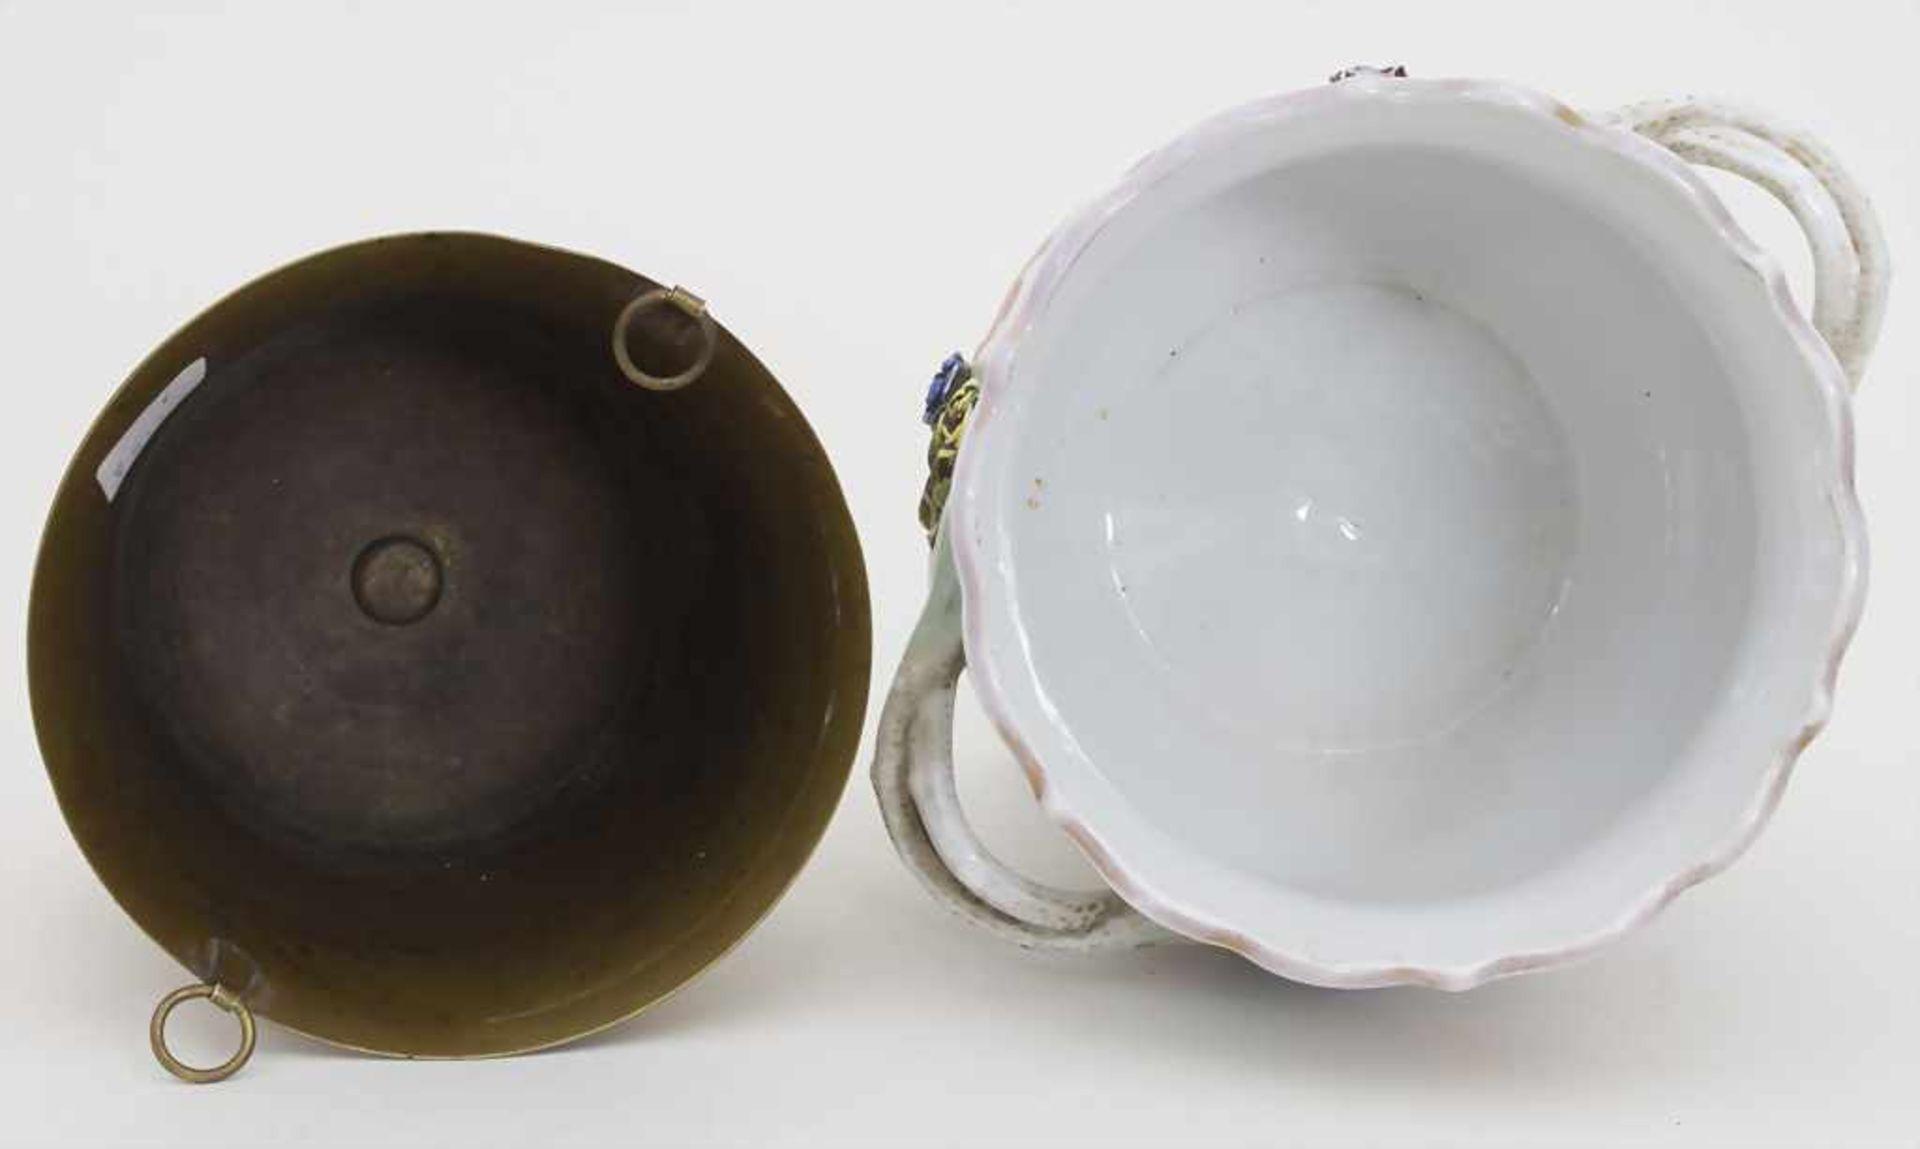 Cachepot mit Bronzemontur und Einsatz / A cachepot with bronze mount and insert, Helena Wolfsohn, - Bild 7 aus 8